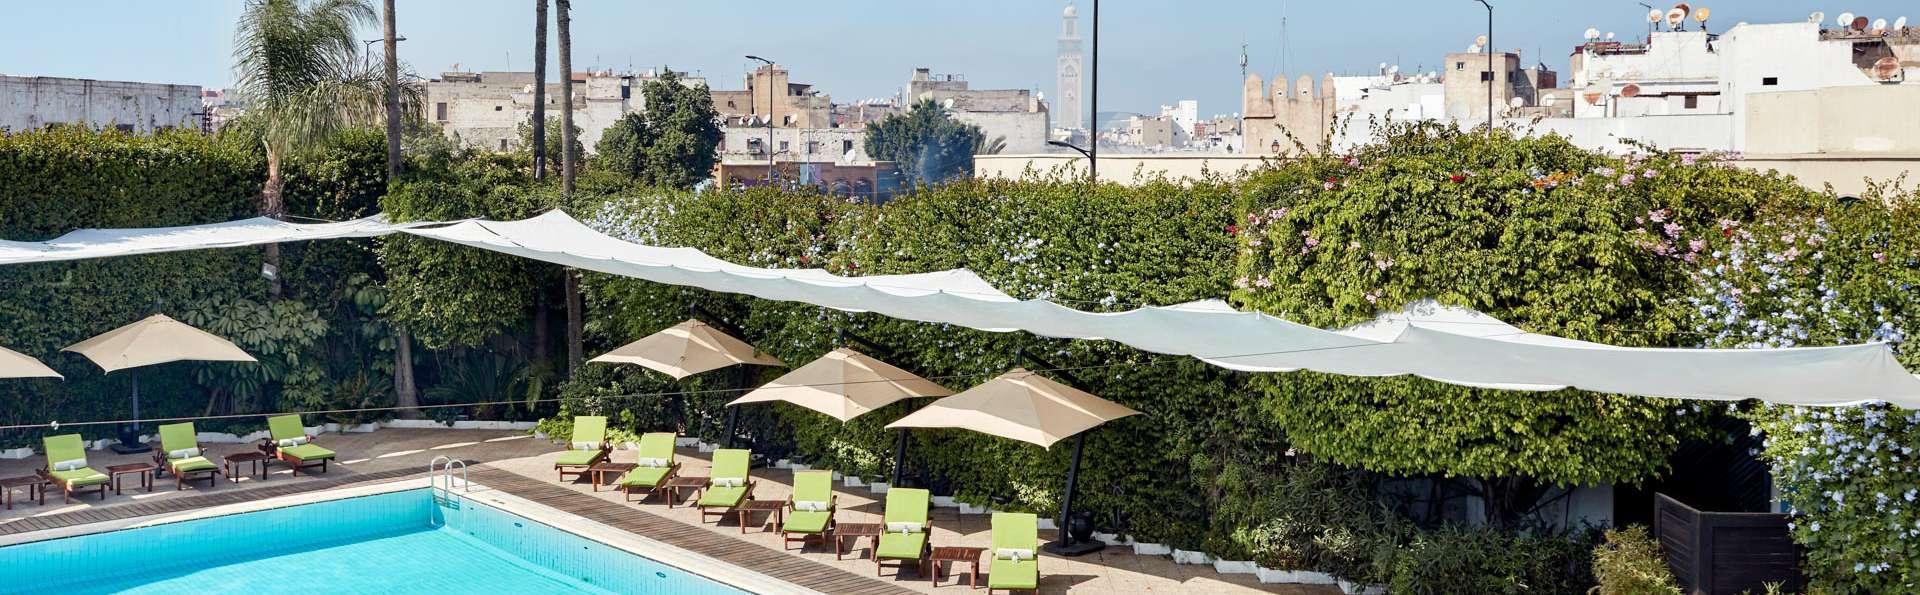 Hyatt Regency Casablanca - EDIT_POOL_01.jpg